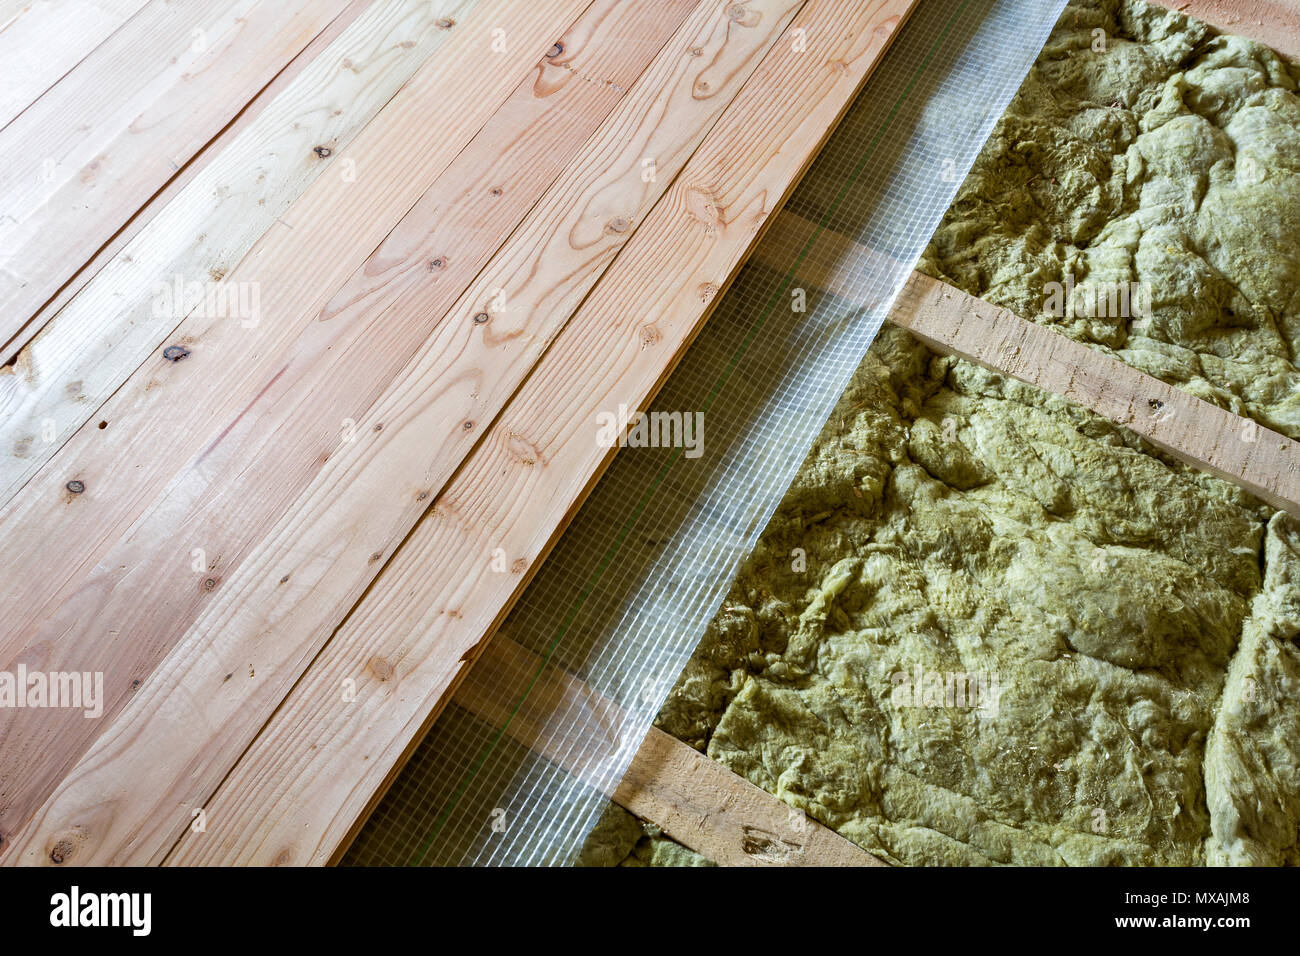 Holzfußboden Dämmung ~ Holzfußboden von unten isolieren » drei schwarze rahmen hängen eine